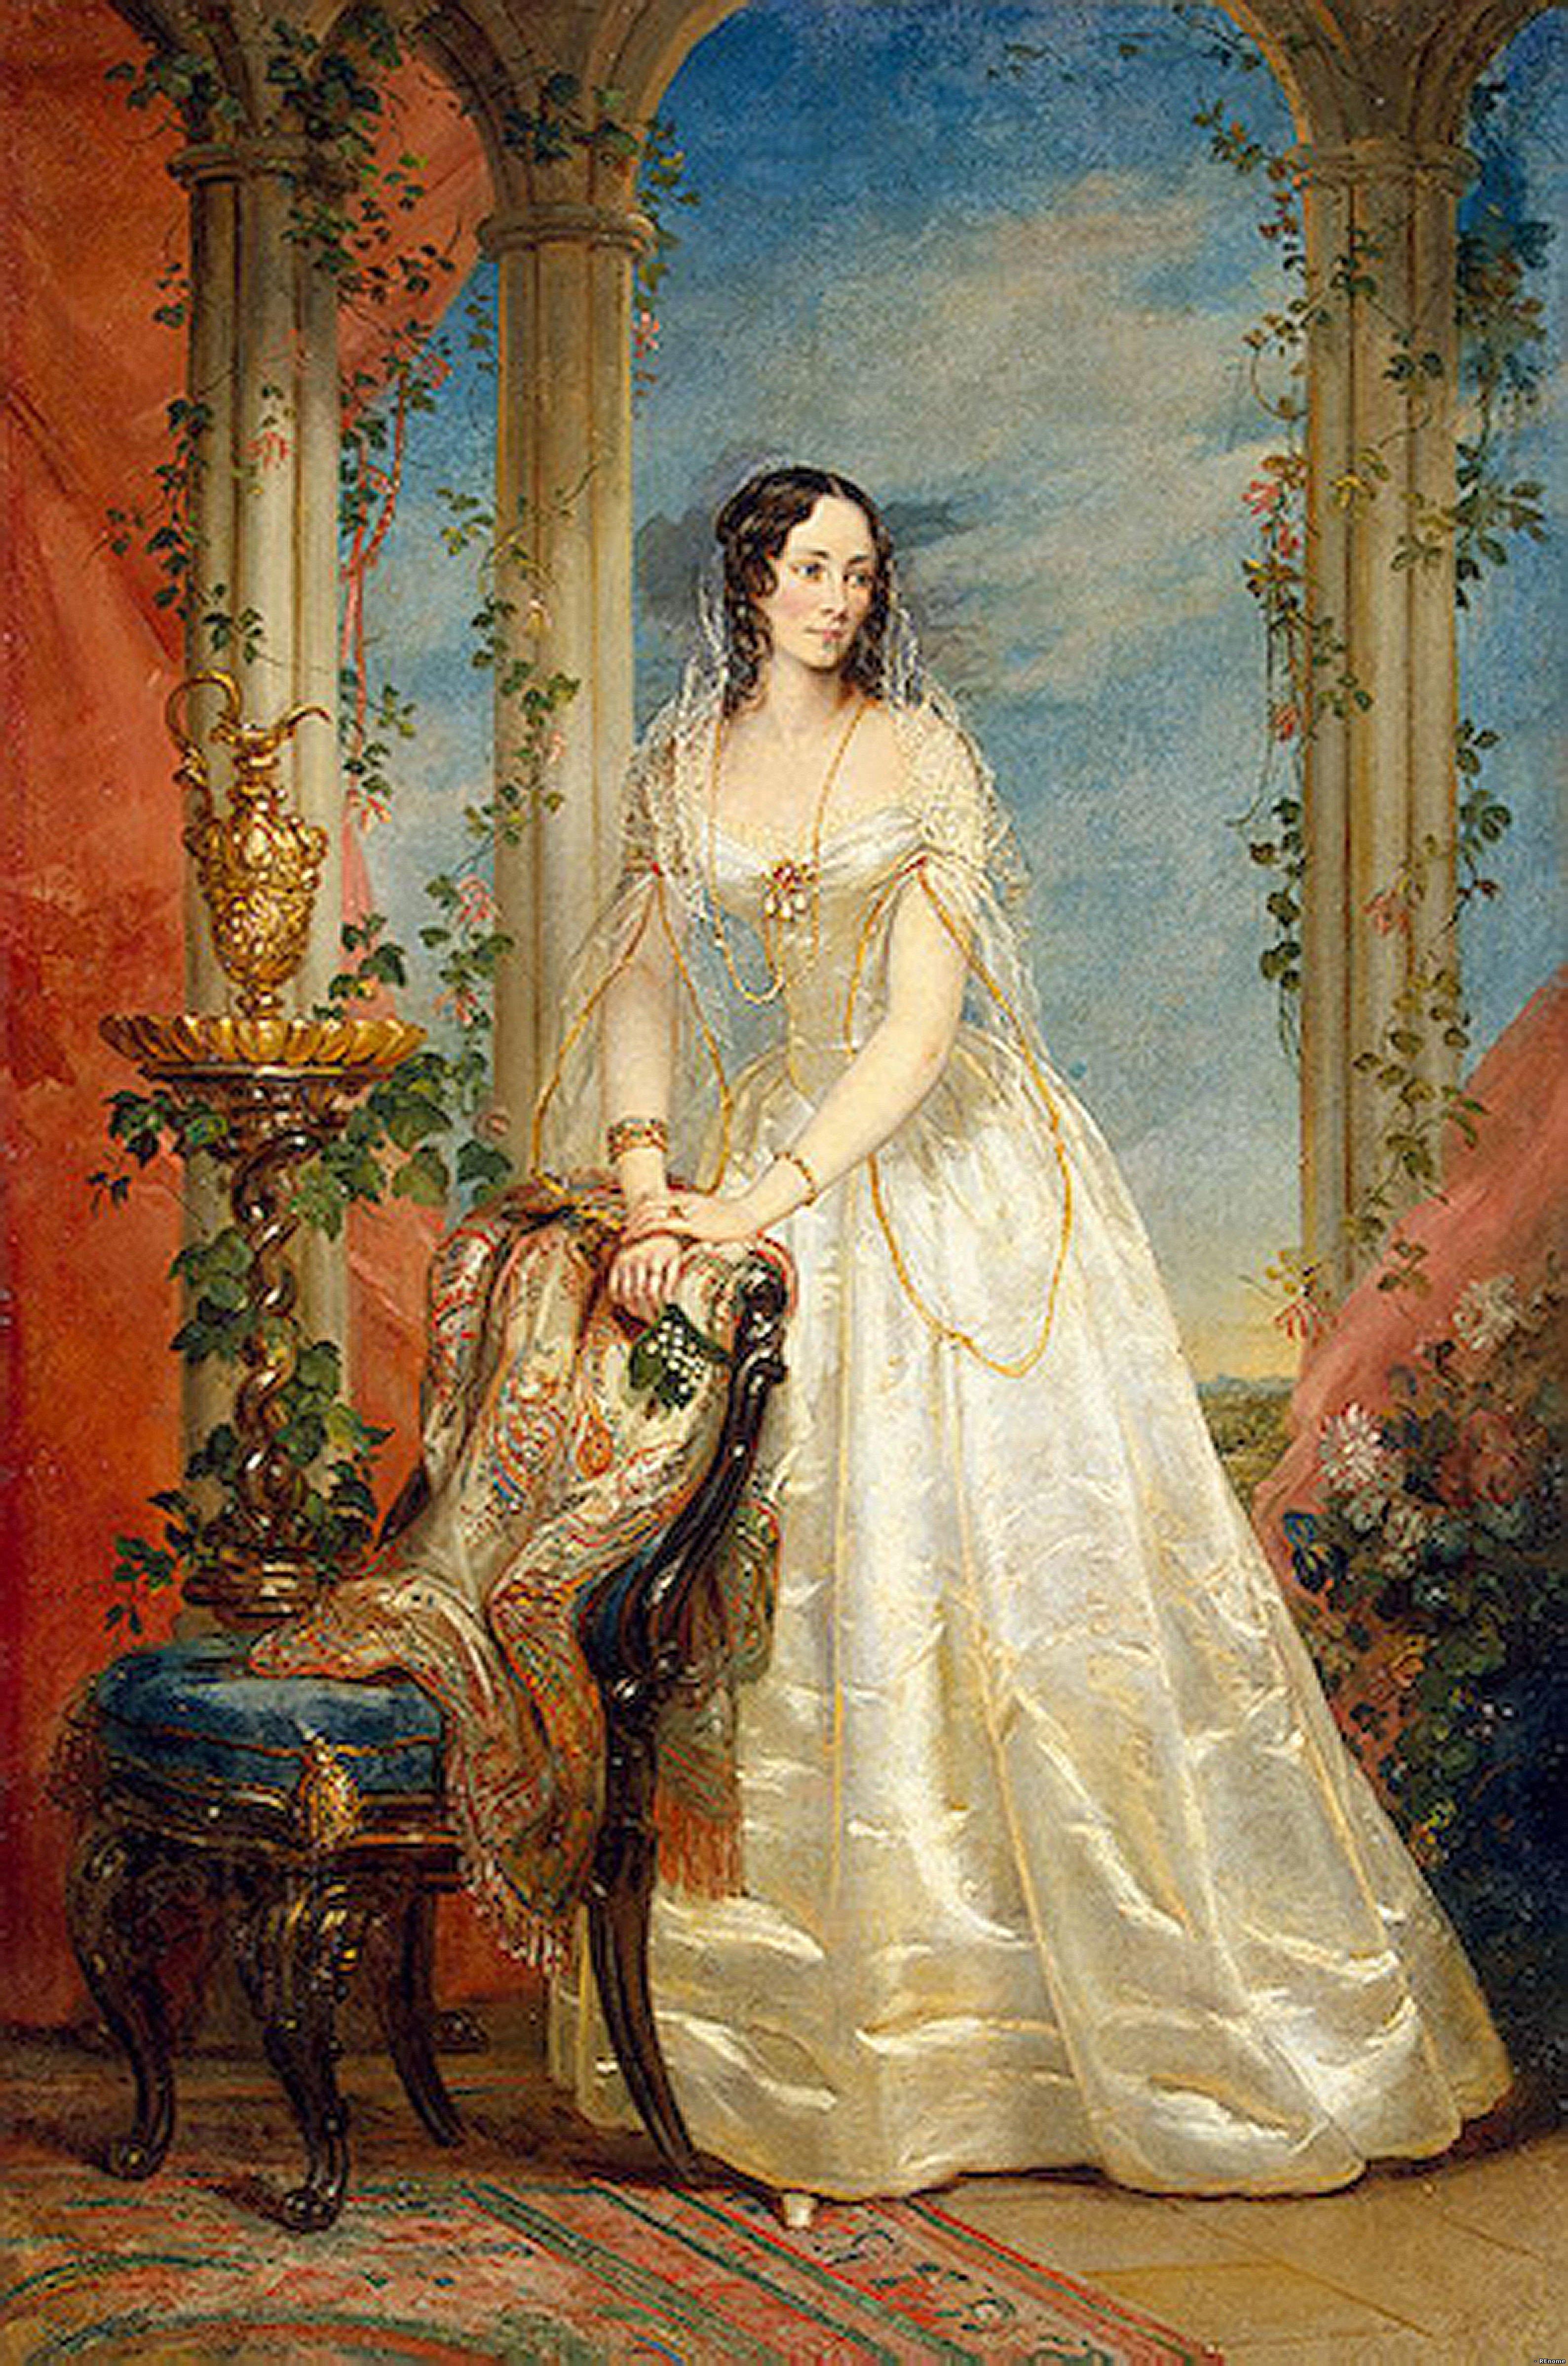 Зинаида юсупова княгиня все фото и портреты 3